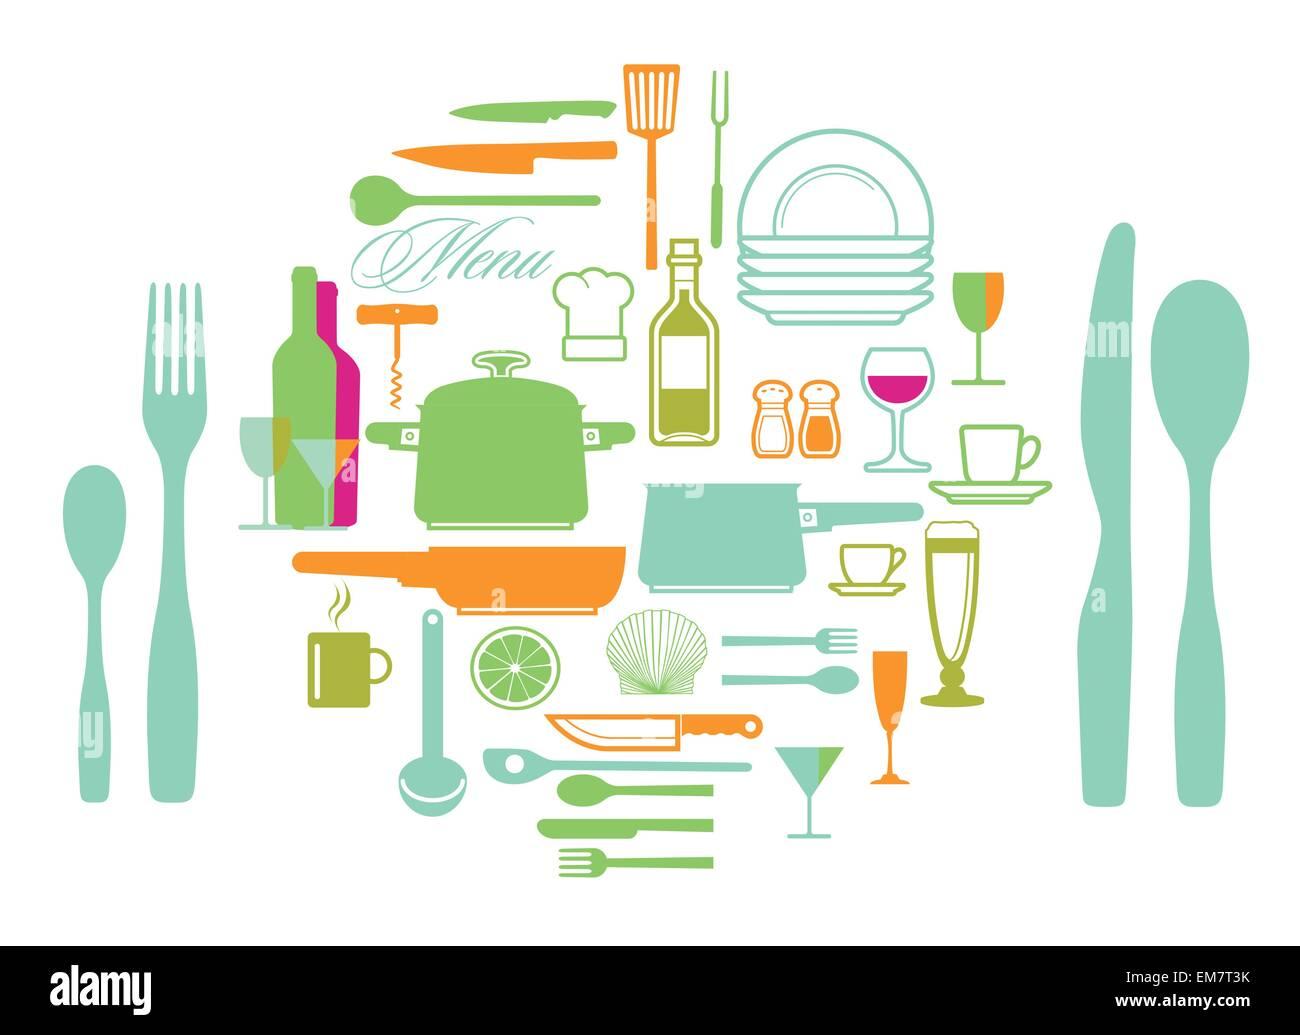 Kitchen Appliances - Stock Image